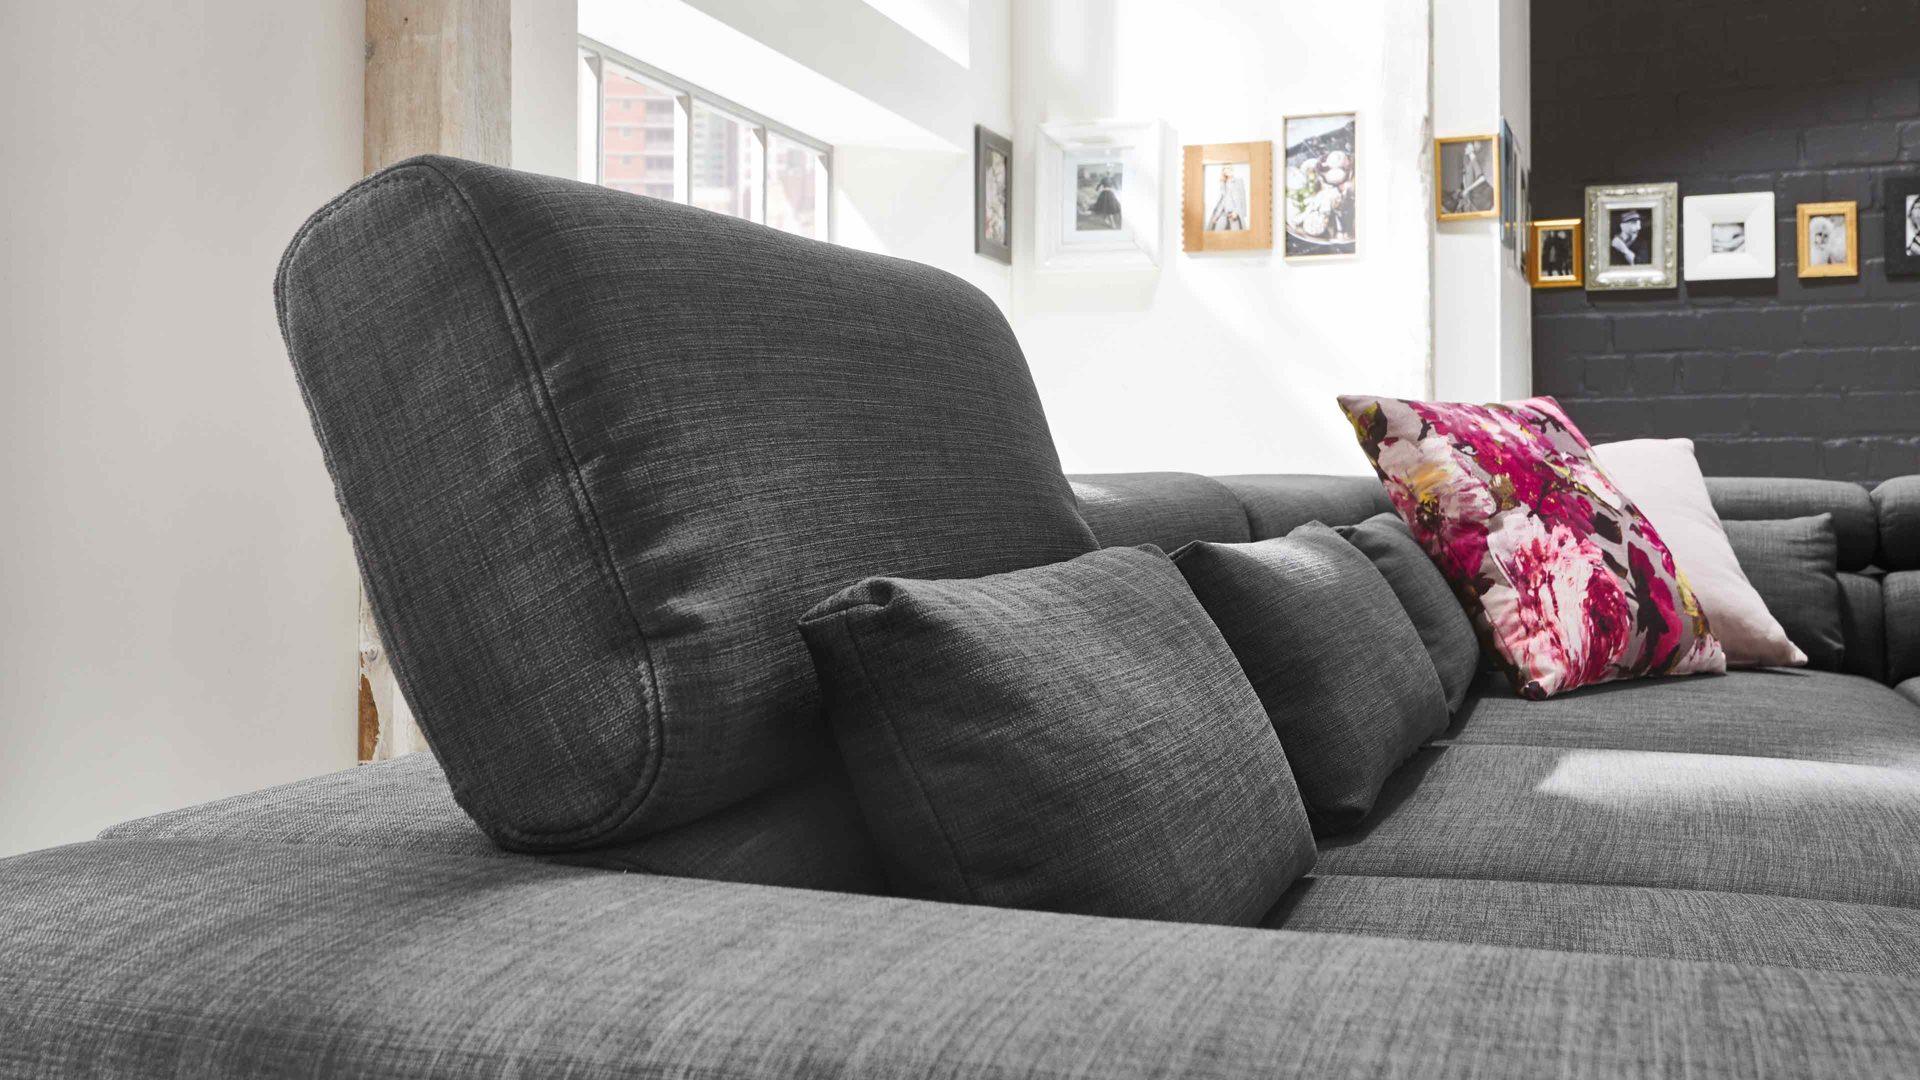 Bezaubernd Lounge Sofa Wohnzimmer Foto Von Wohnland Breitwieser | Räume | | Sofas